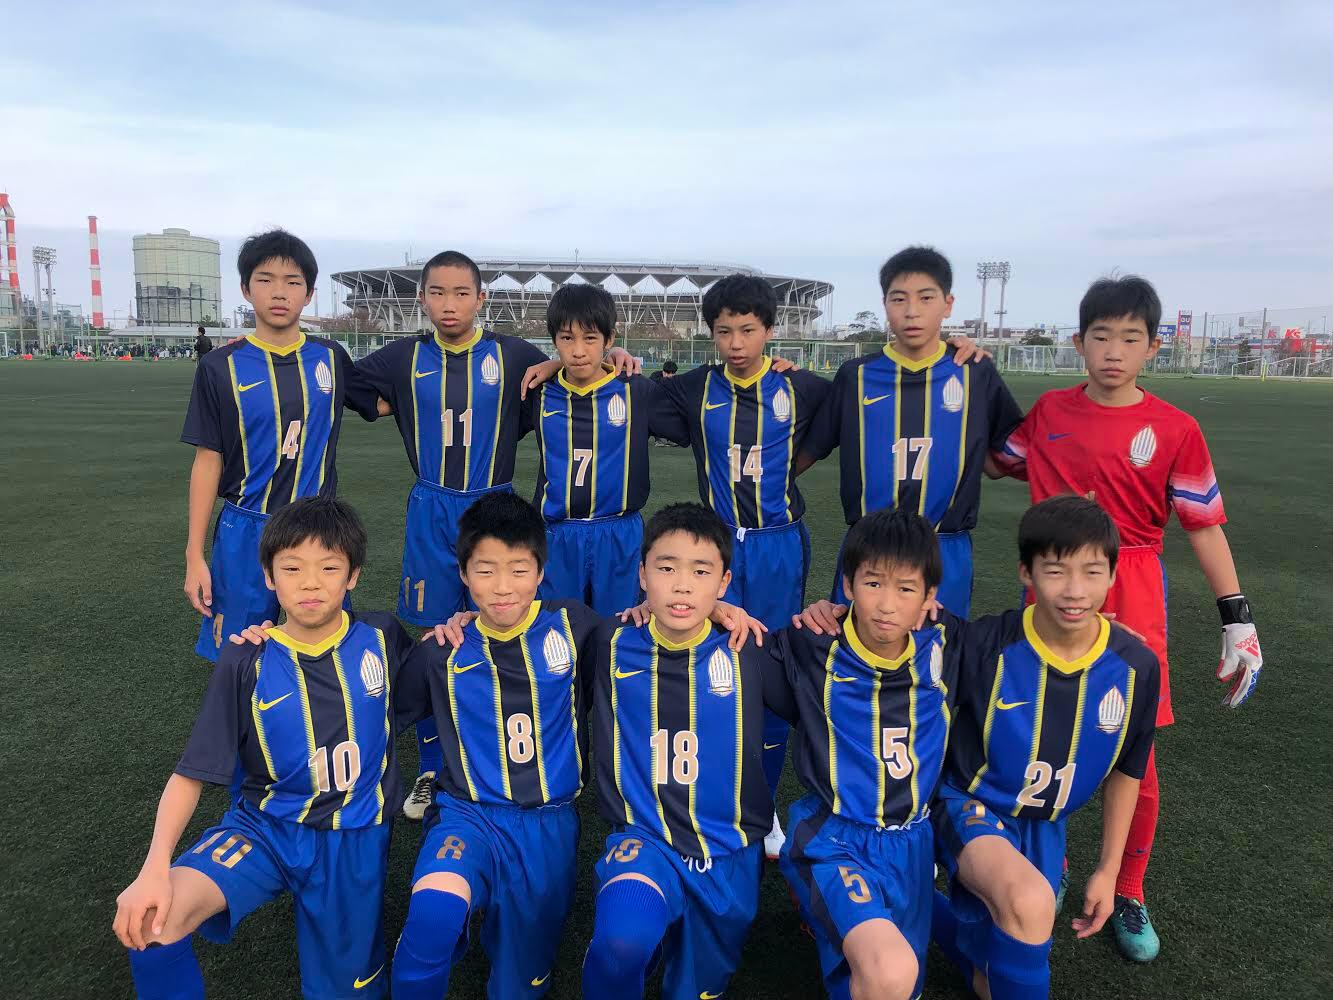 【U13】千葉県ユース(U-13)サッカーリーグ 1部リーグ 第10節結果